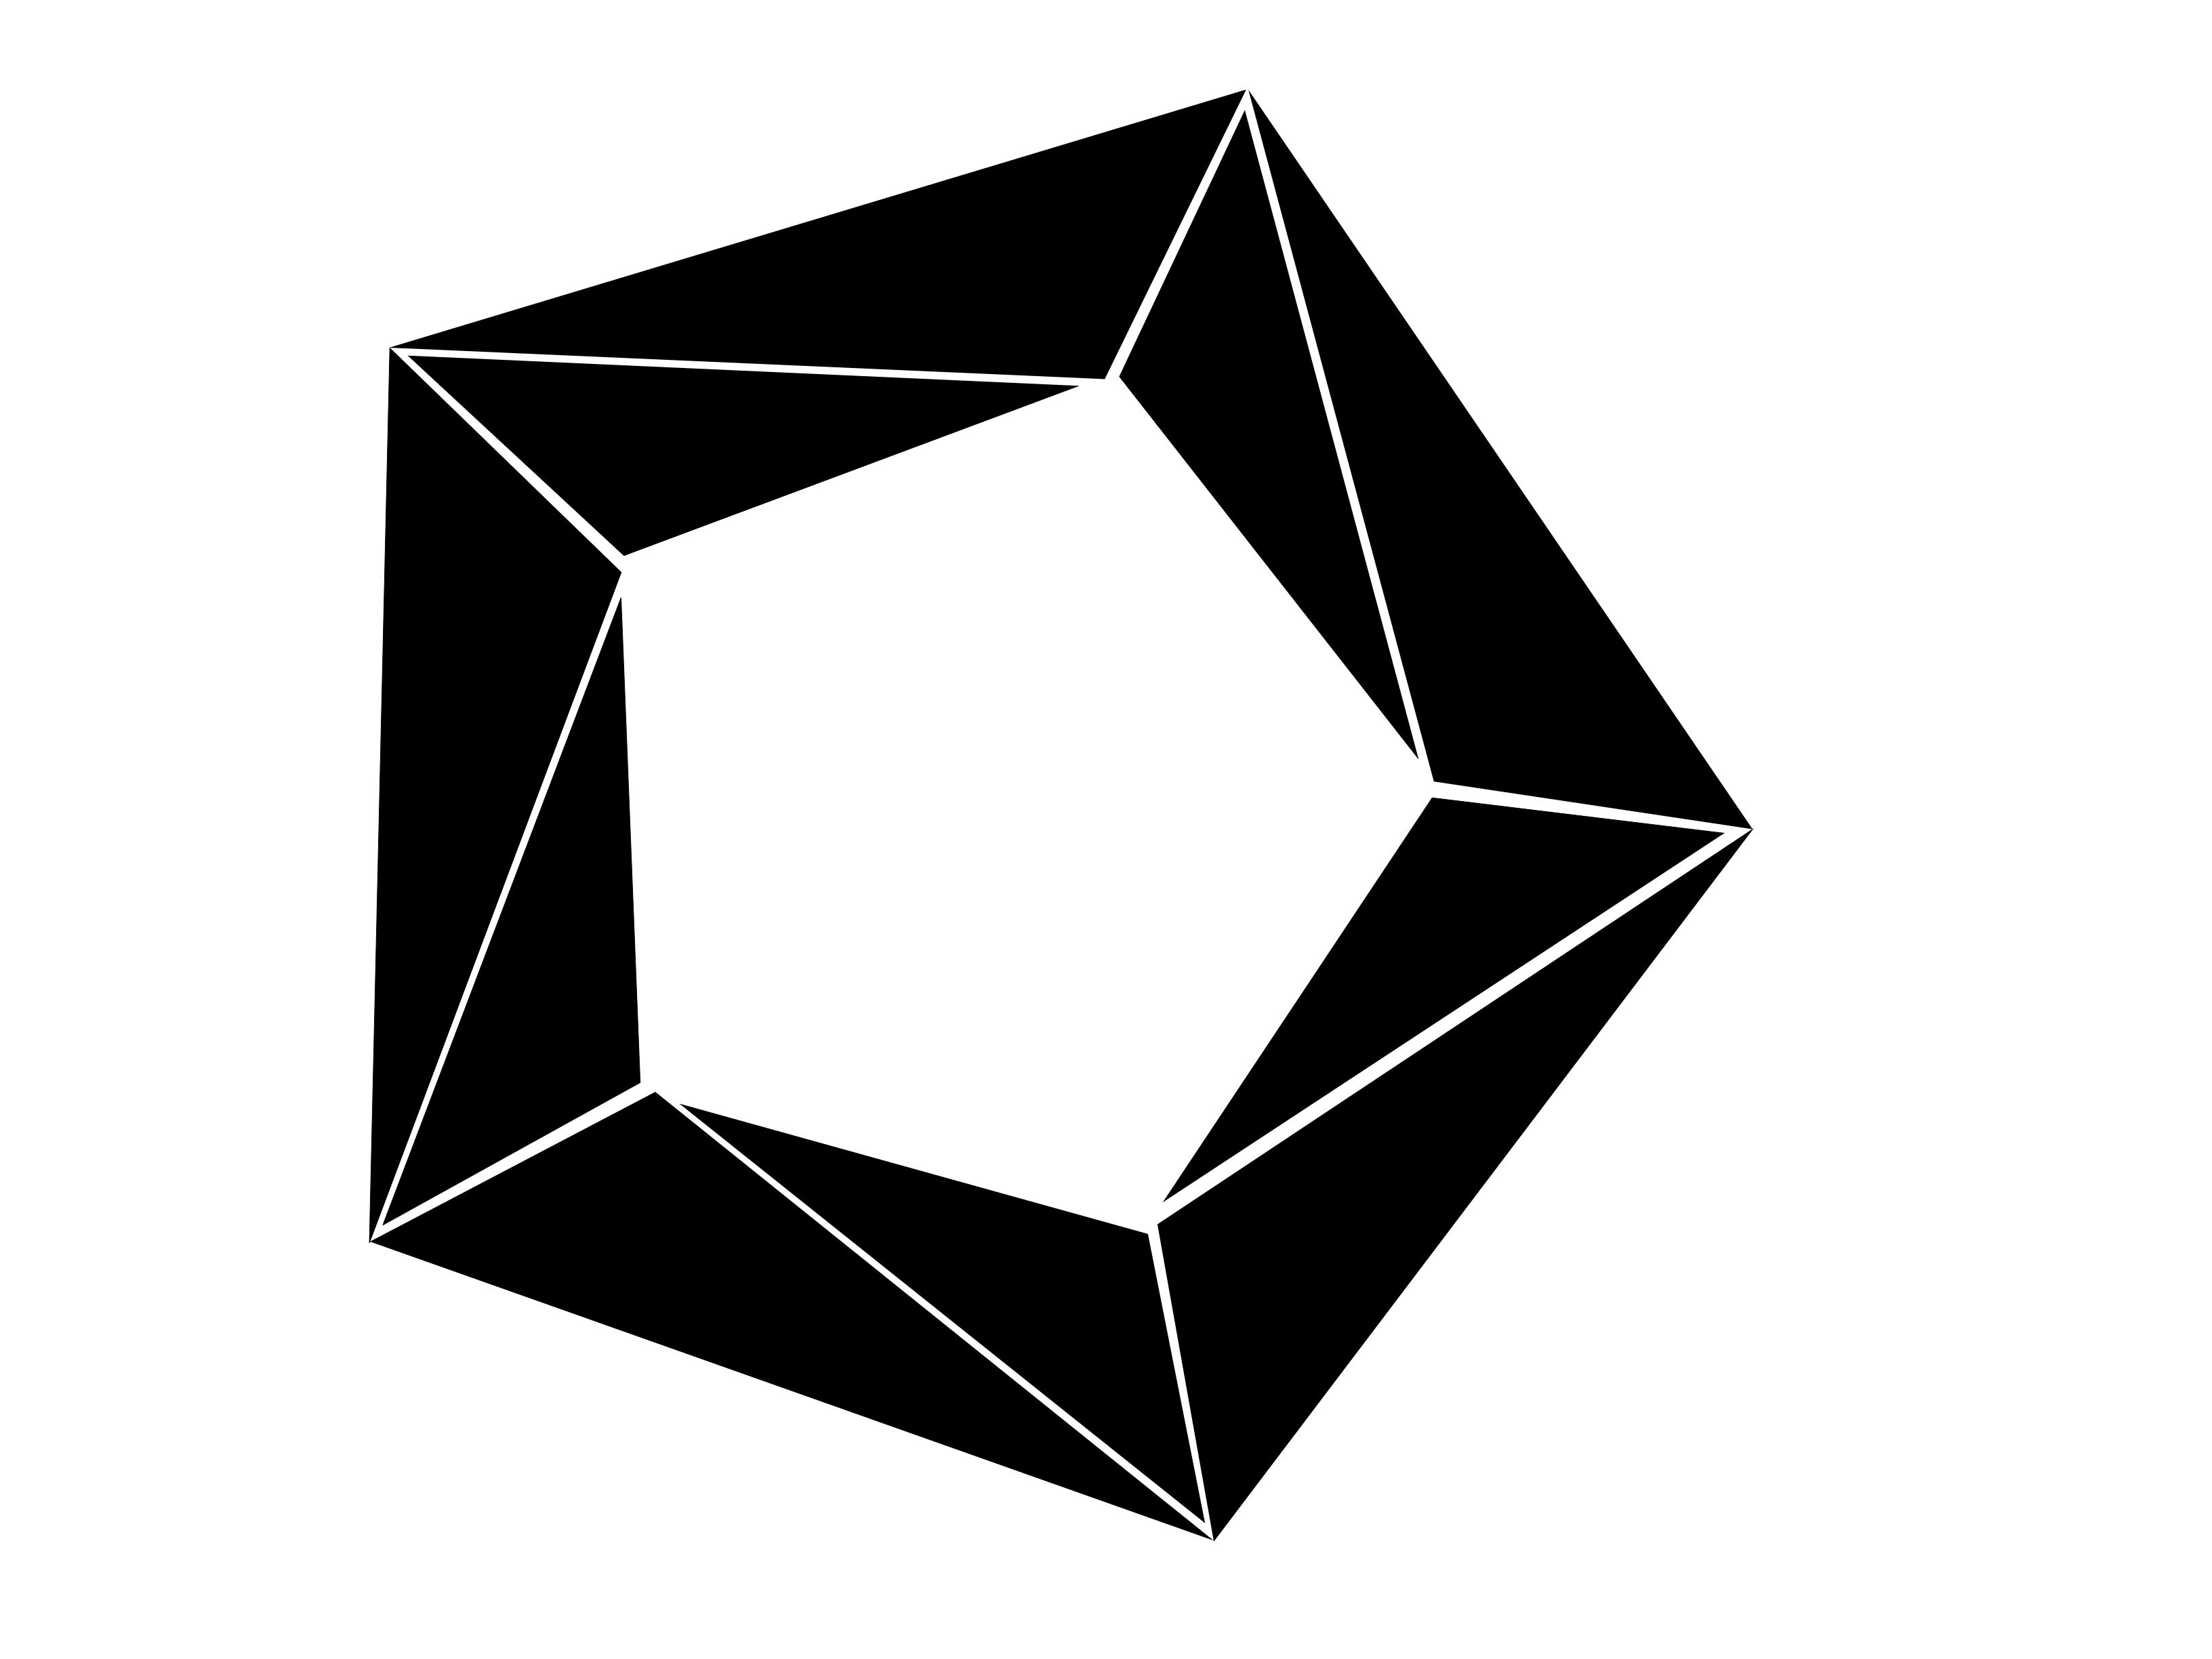 zentangle triangle - Google zoeken